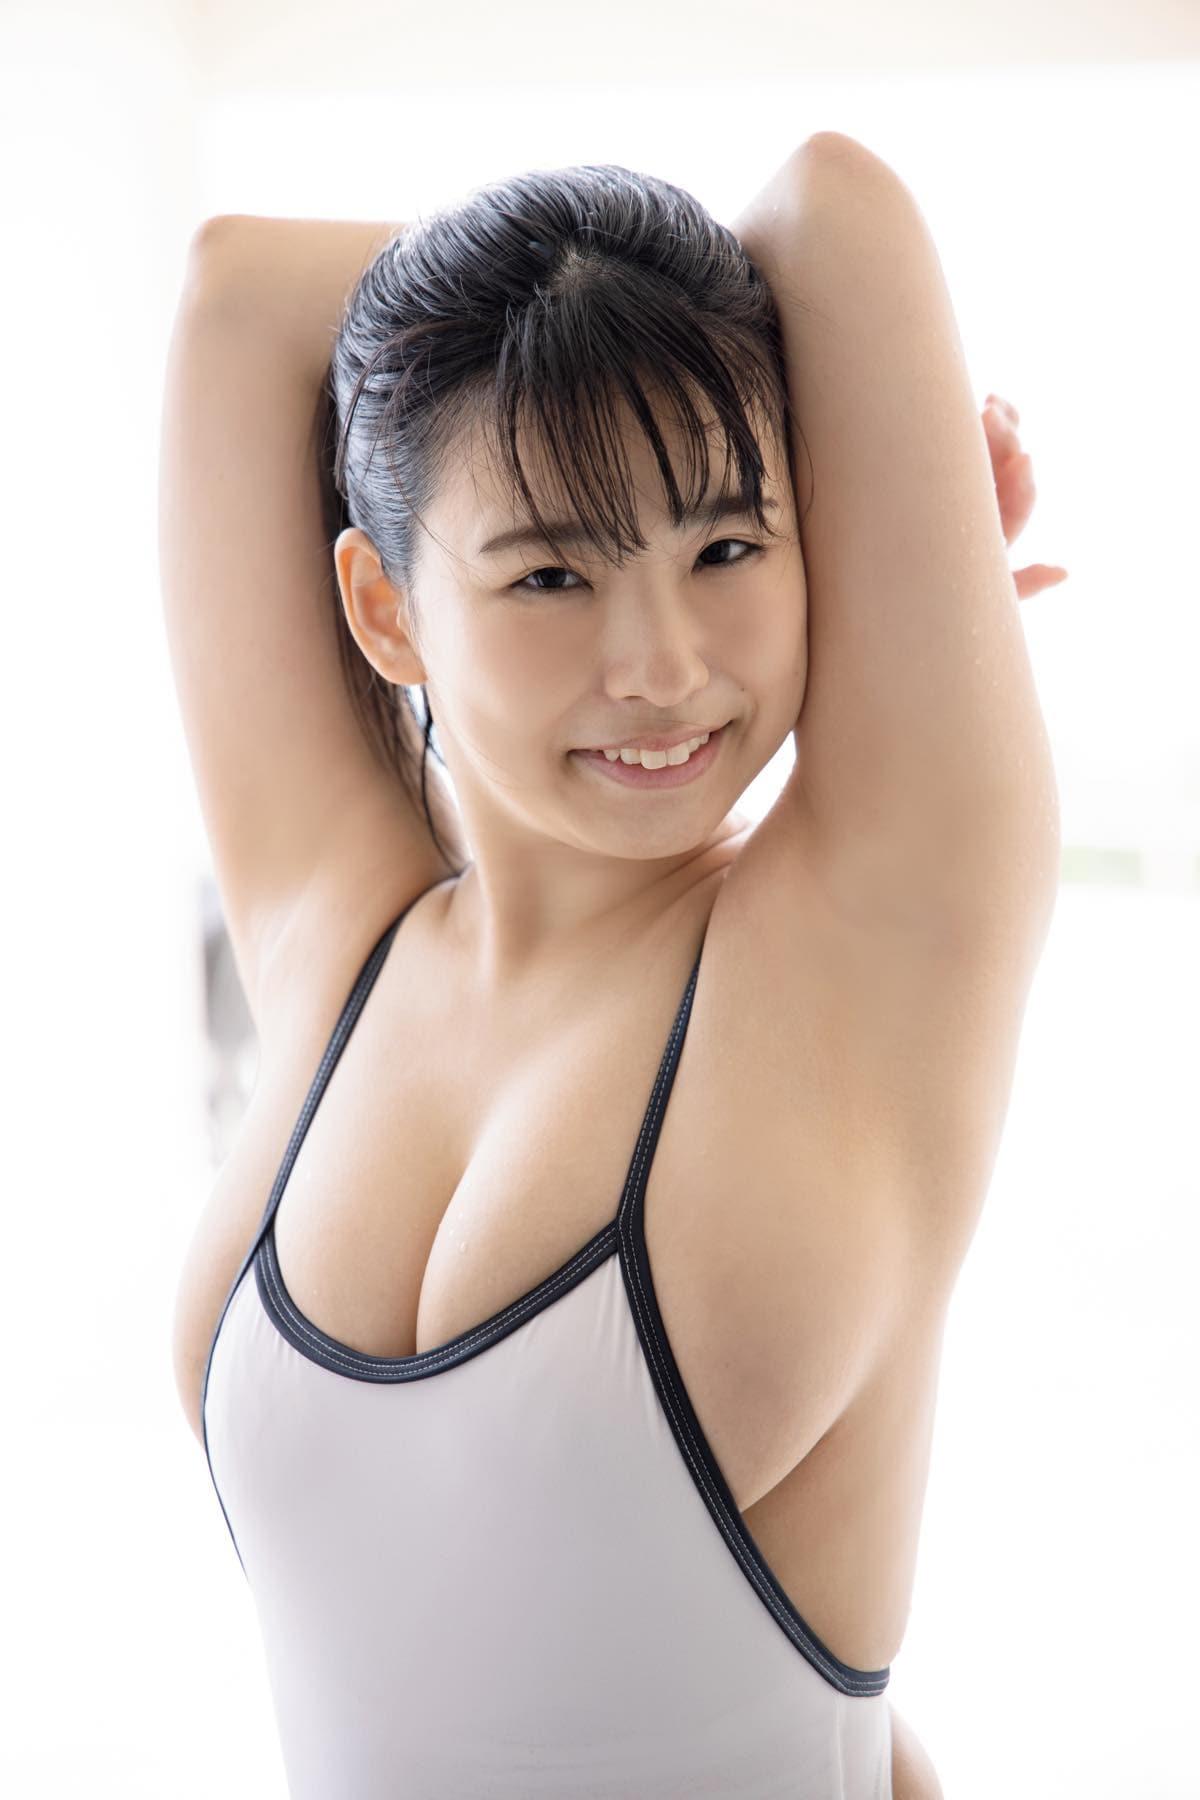 白壁爽子「ボディがはちきれそう!」萌系現役声優のブルンブルンHカップの画像001